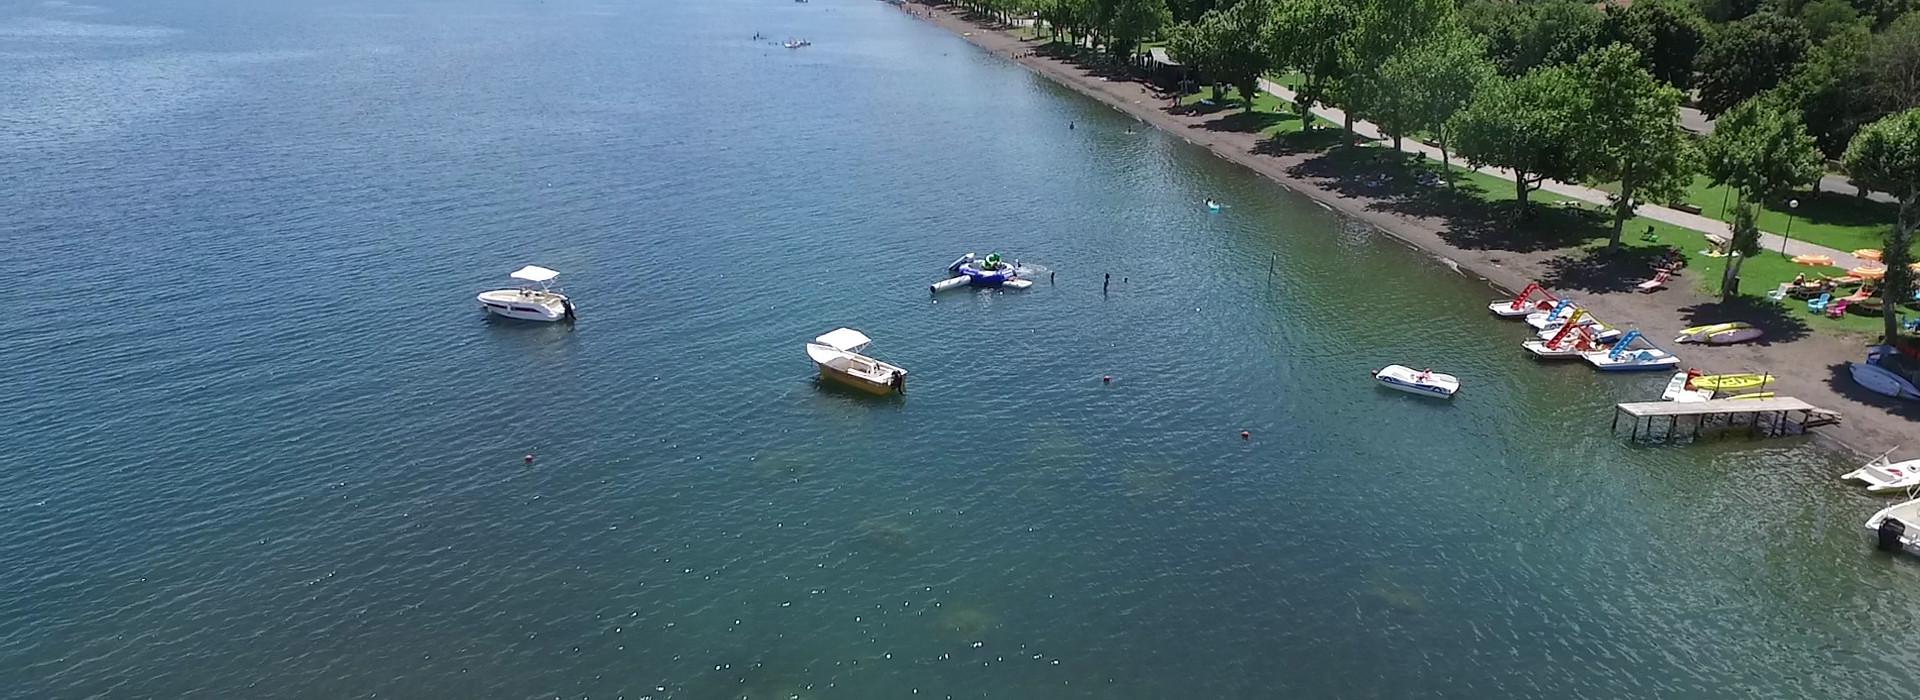 La Bussola boats